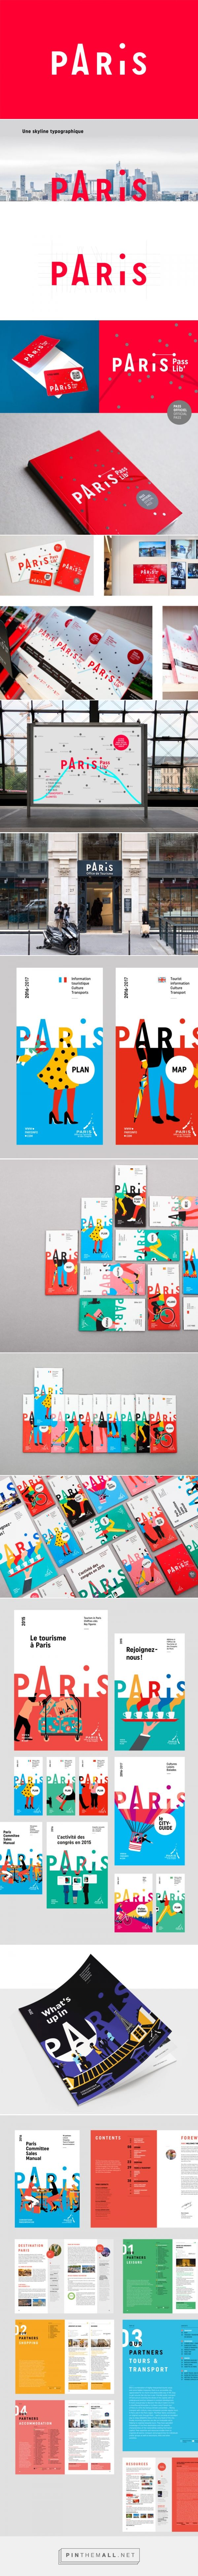 Charte graphique de l'Office de Tourisme de Paris - Graphéine - Agence de communication Paris Lyon... - a grouped images picture - Pin Them All